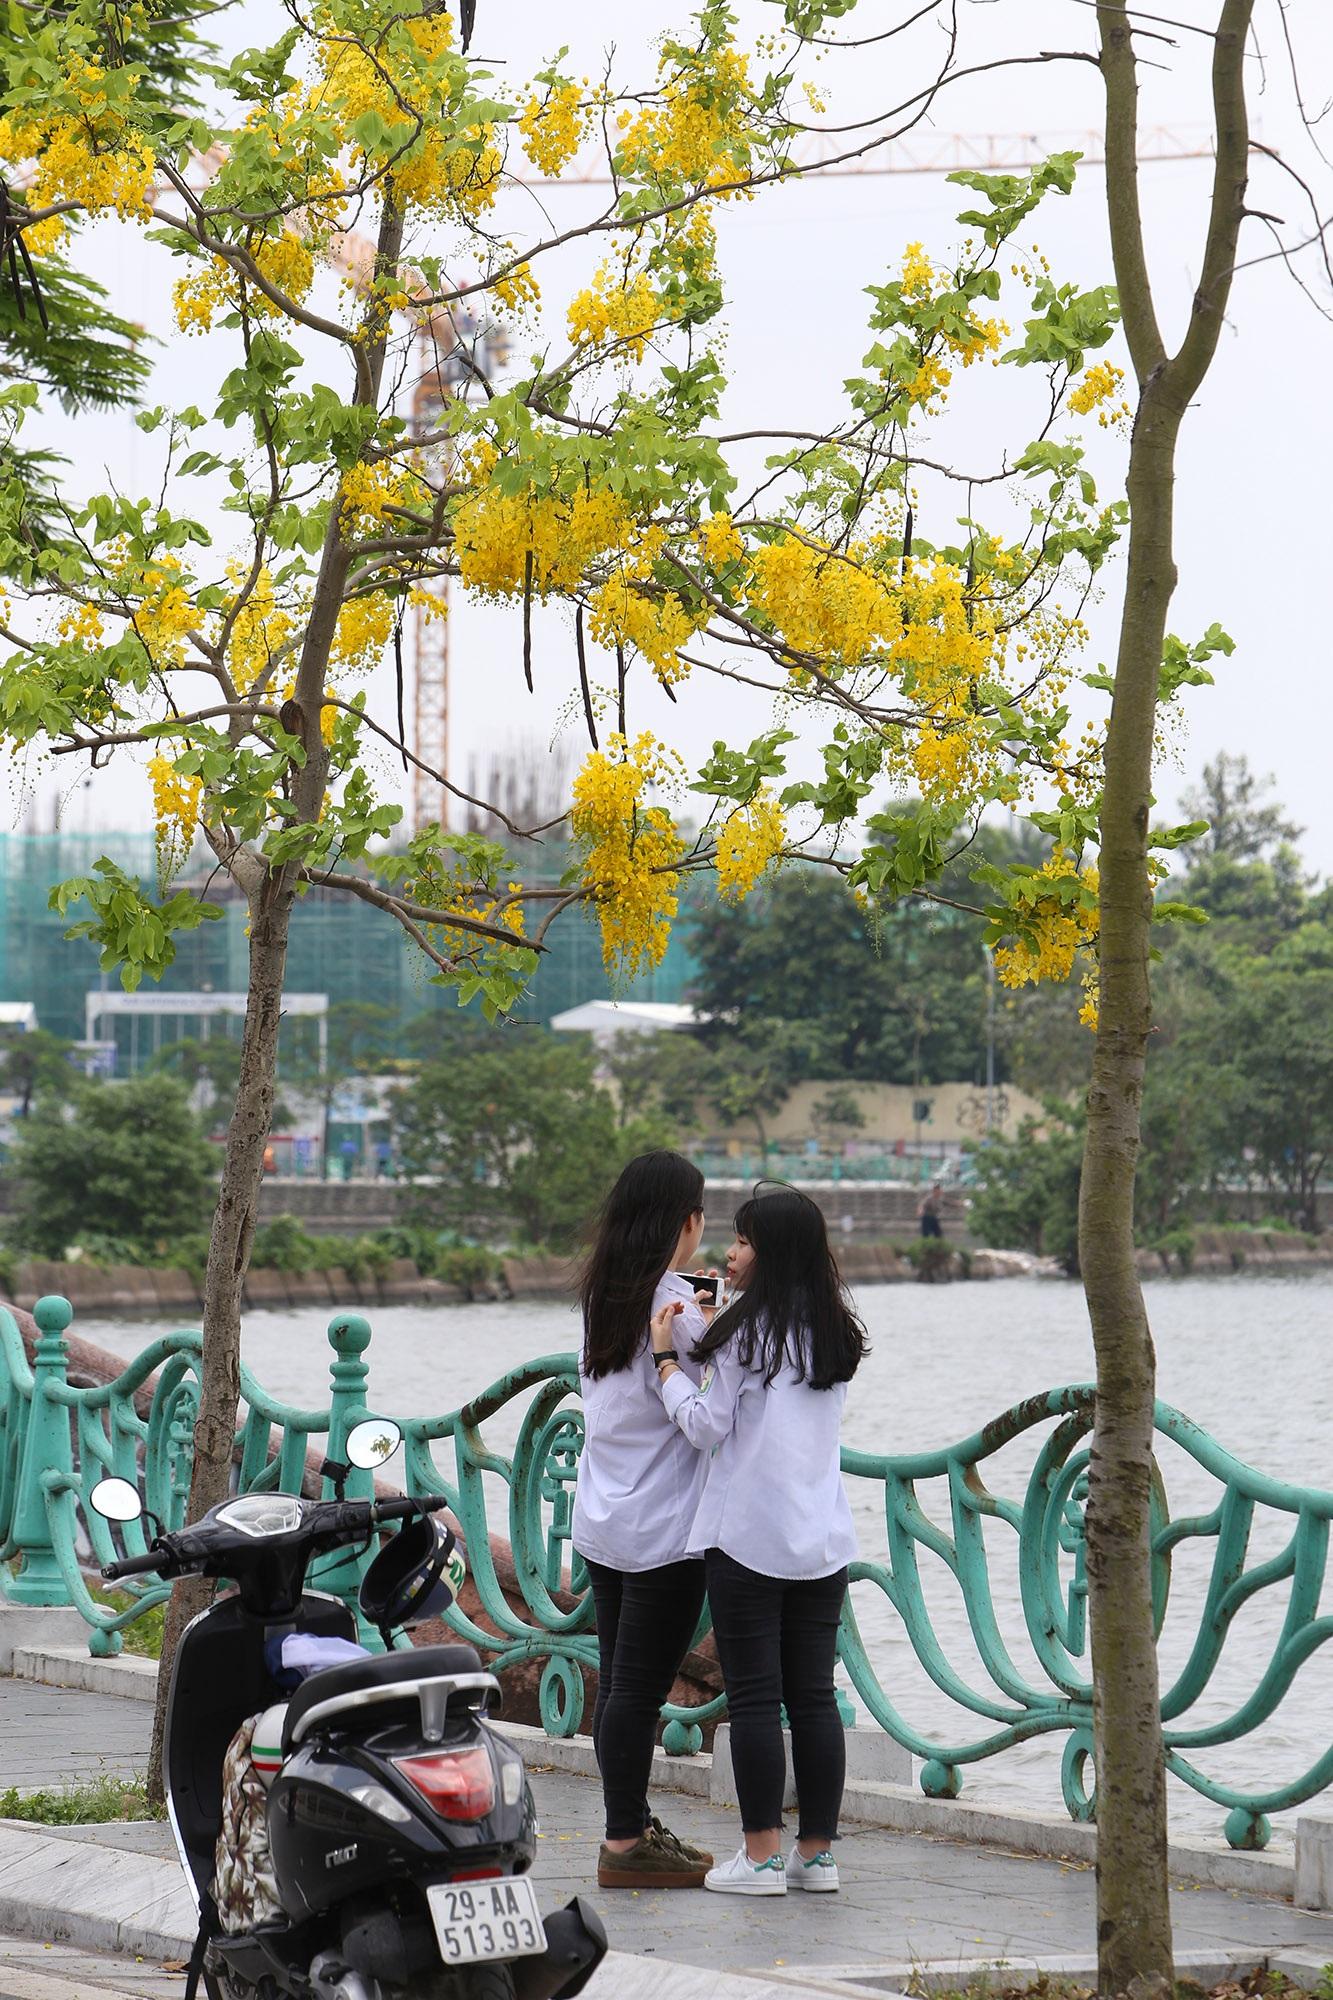 Hồ Tây thơ mộng trong sắc hoa muồng hoàng yến - 8